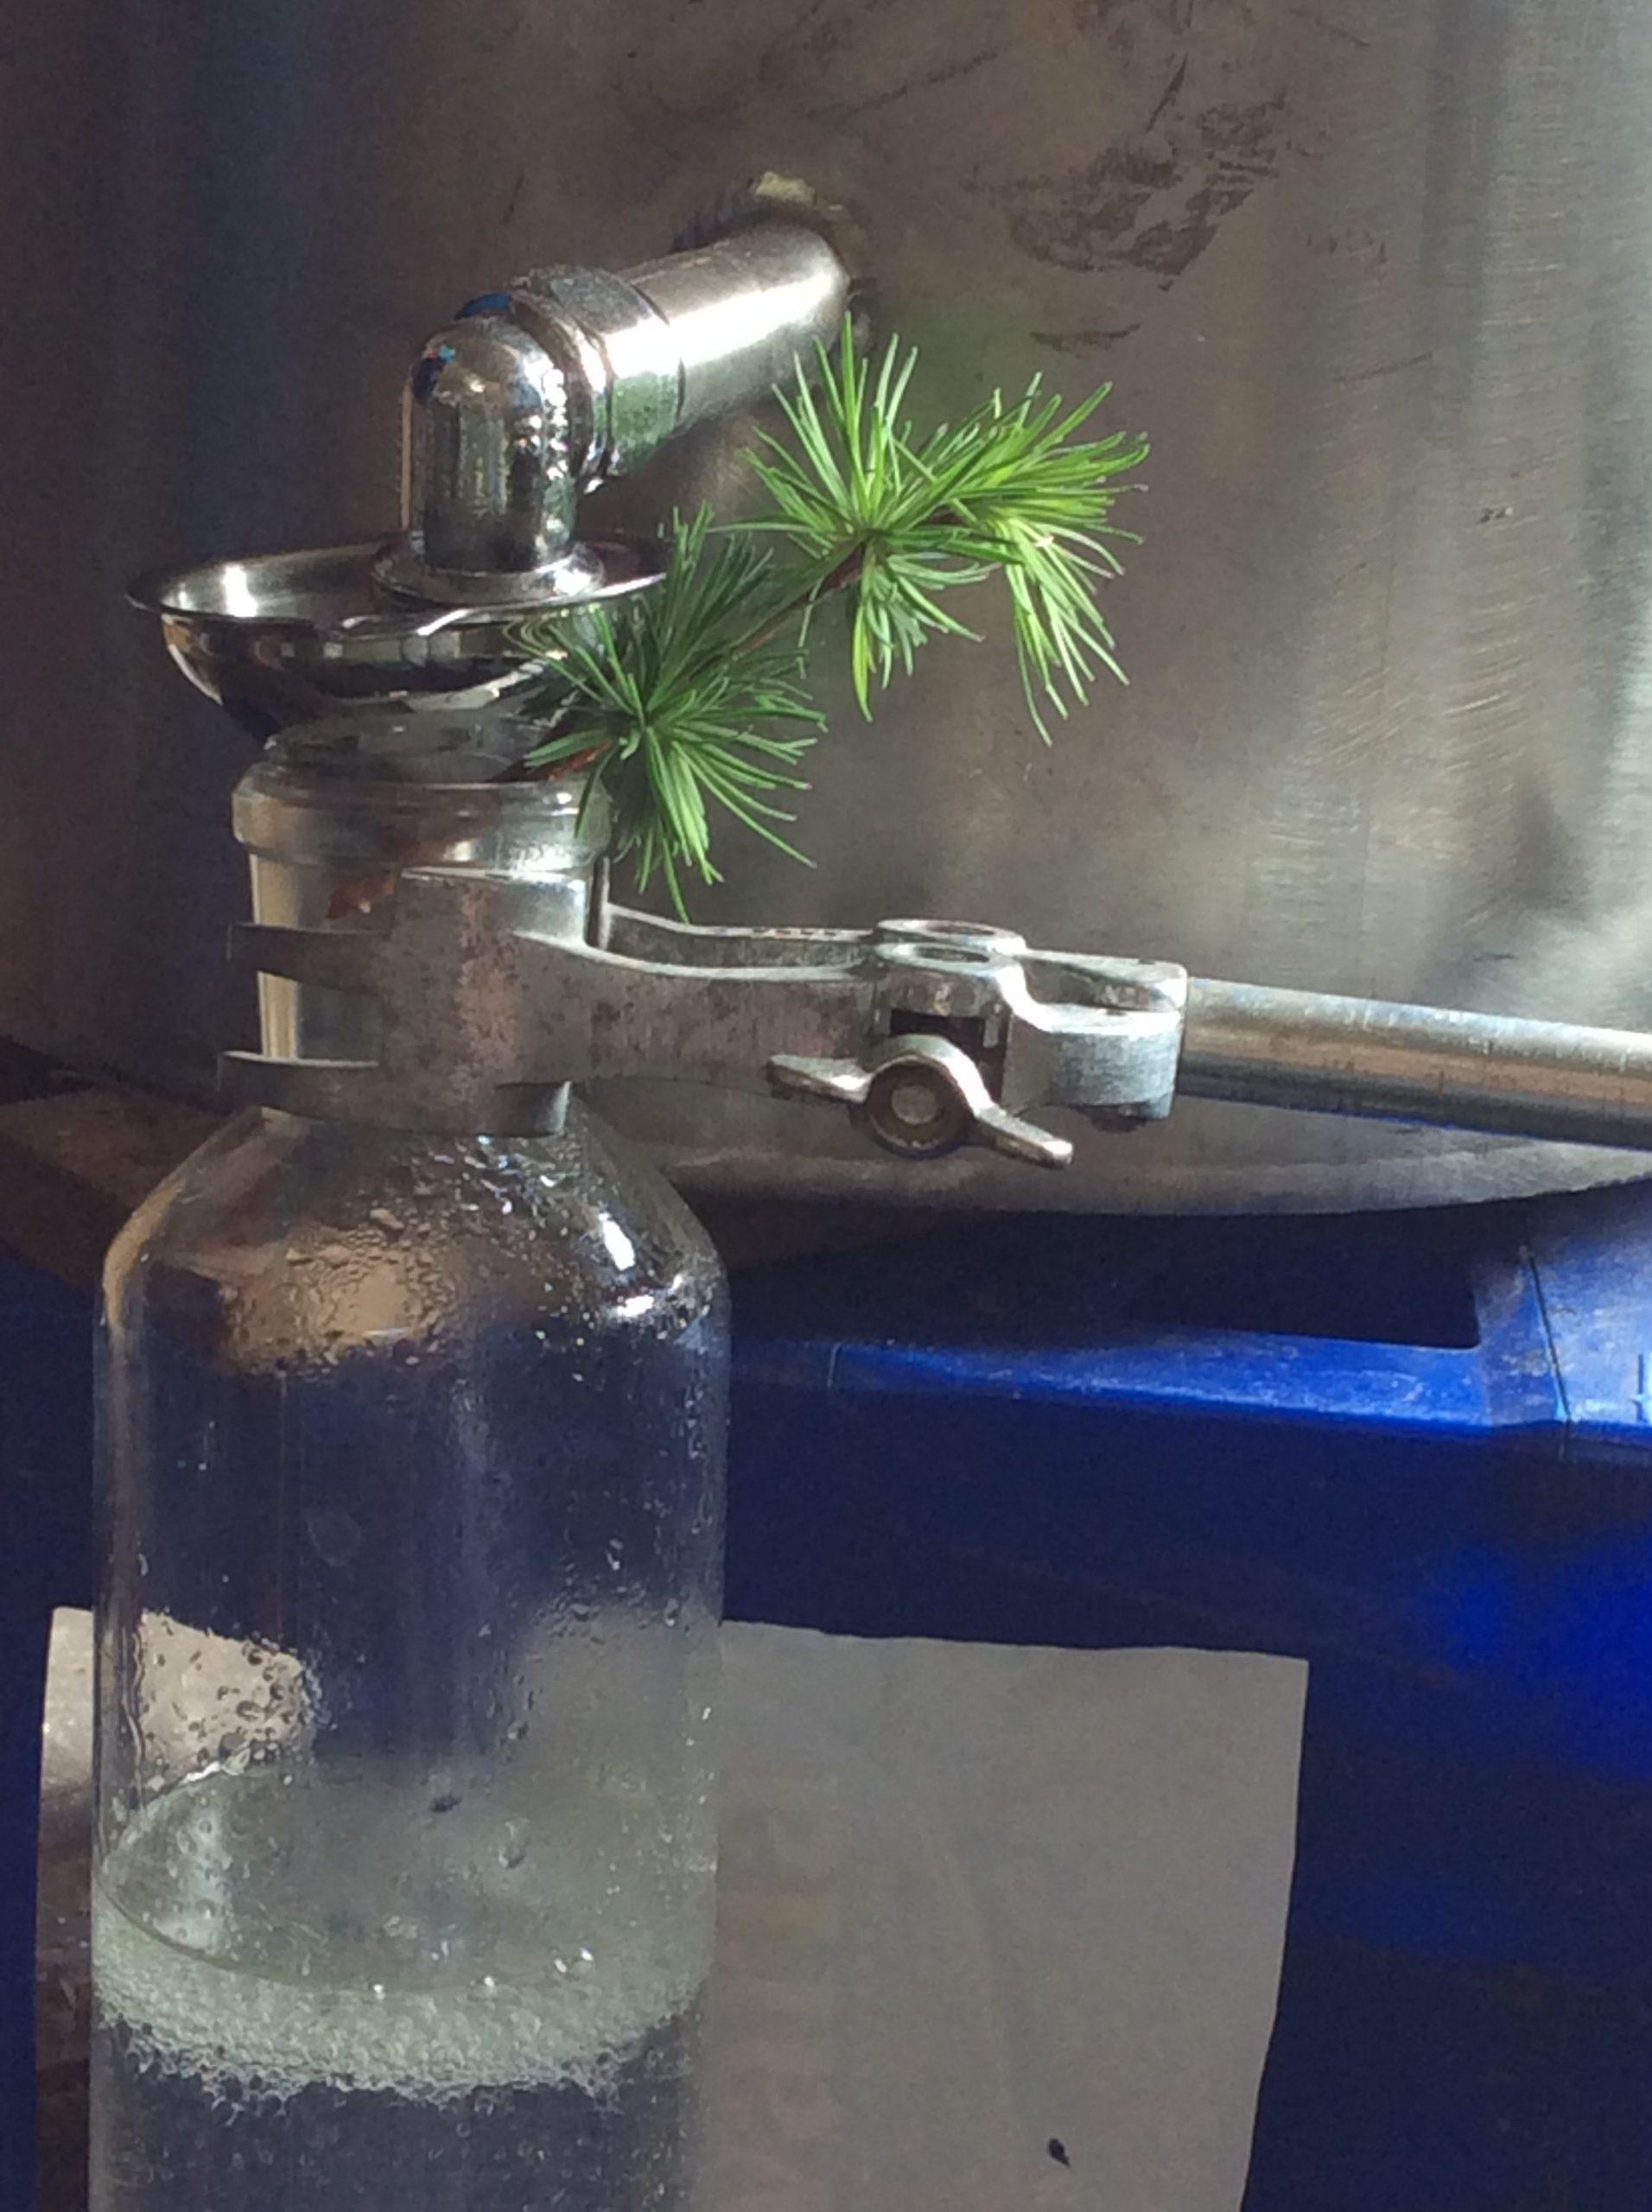 Larikshydrolaat Indekoperenketel destilleren Werfzeep